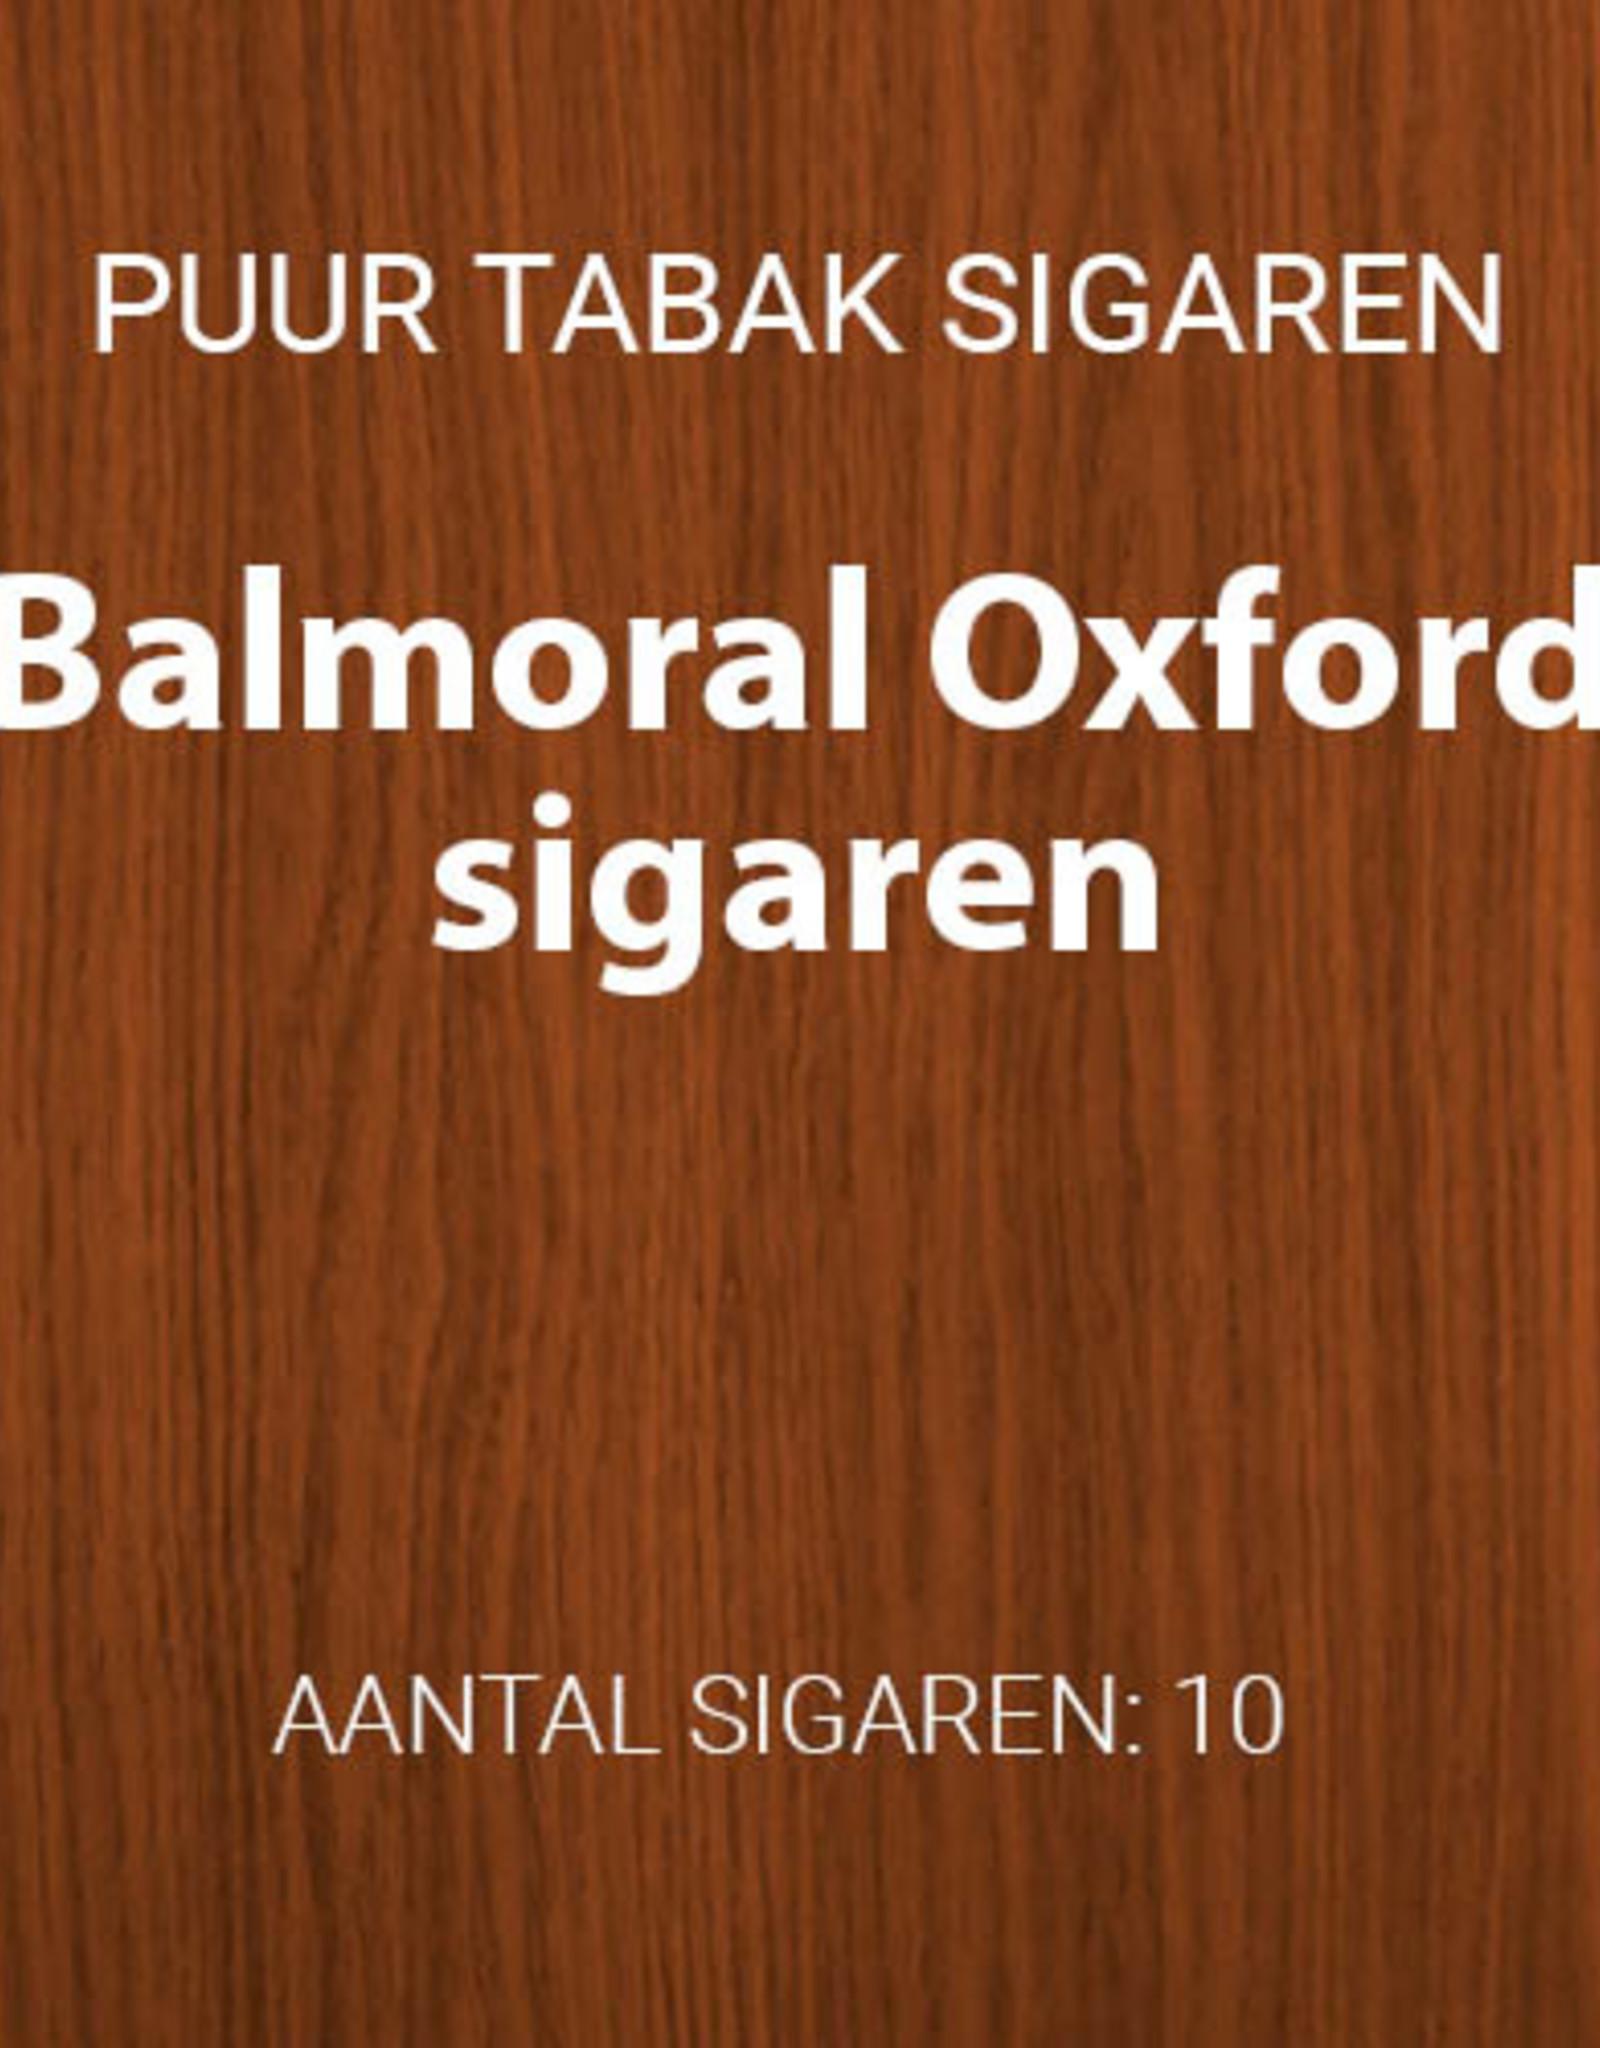 Balmoral Oxford Tuitknak